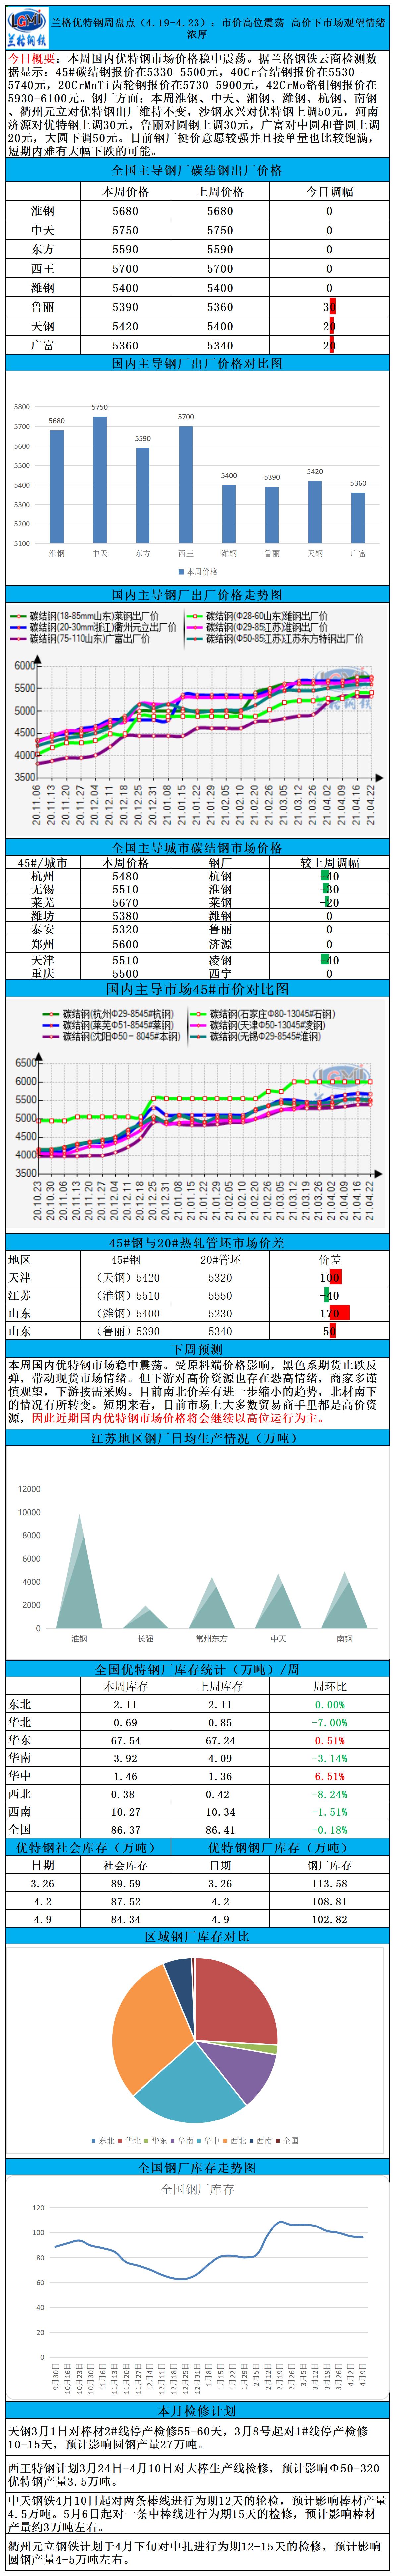 兰格优特钢周盘点(4.19-4.23):市价高位震荡 高价下市